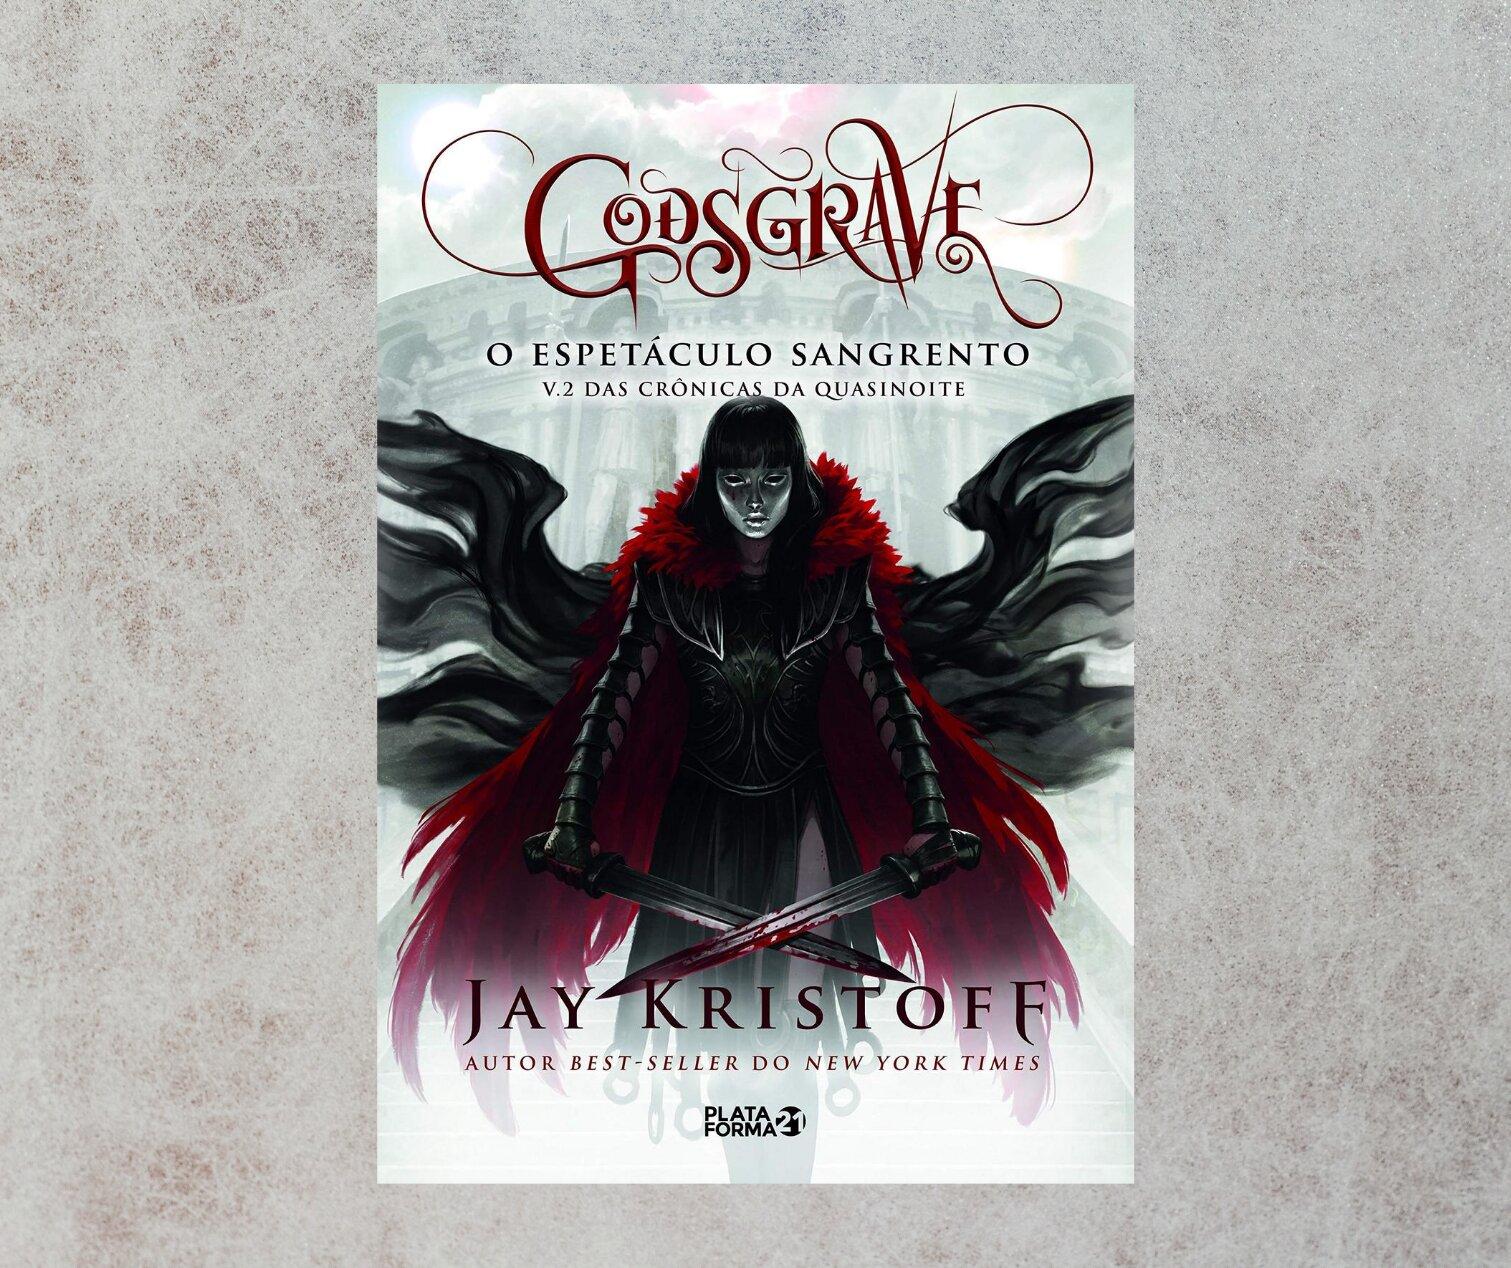 Resenha: Godsgrave, o espetáculo sangrento, de Jay Kristoff